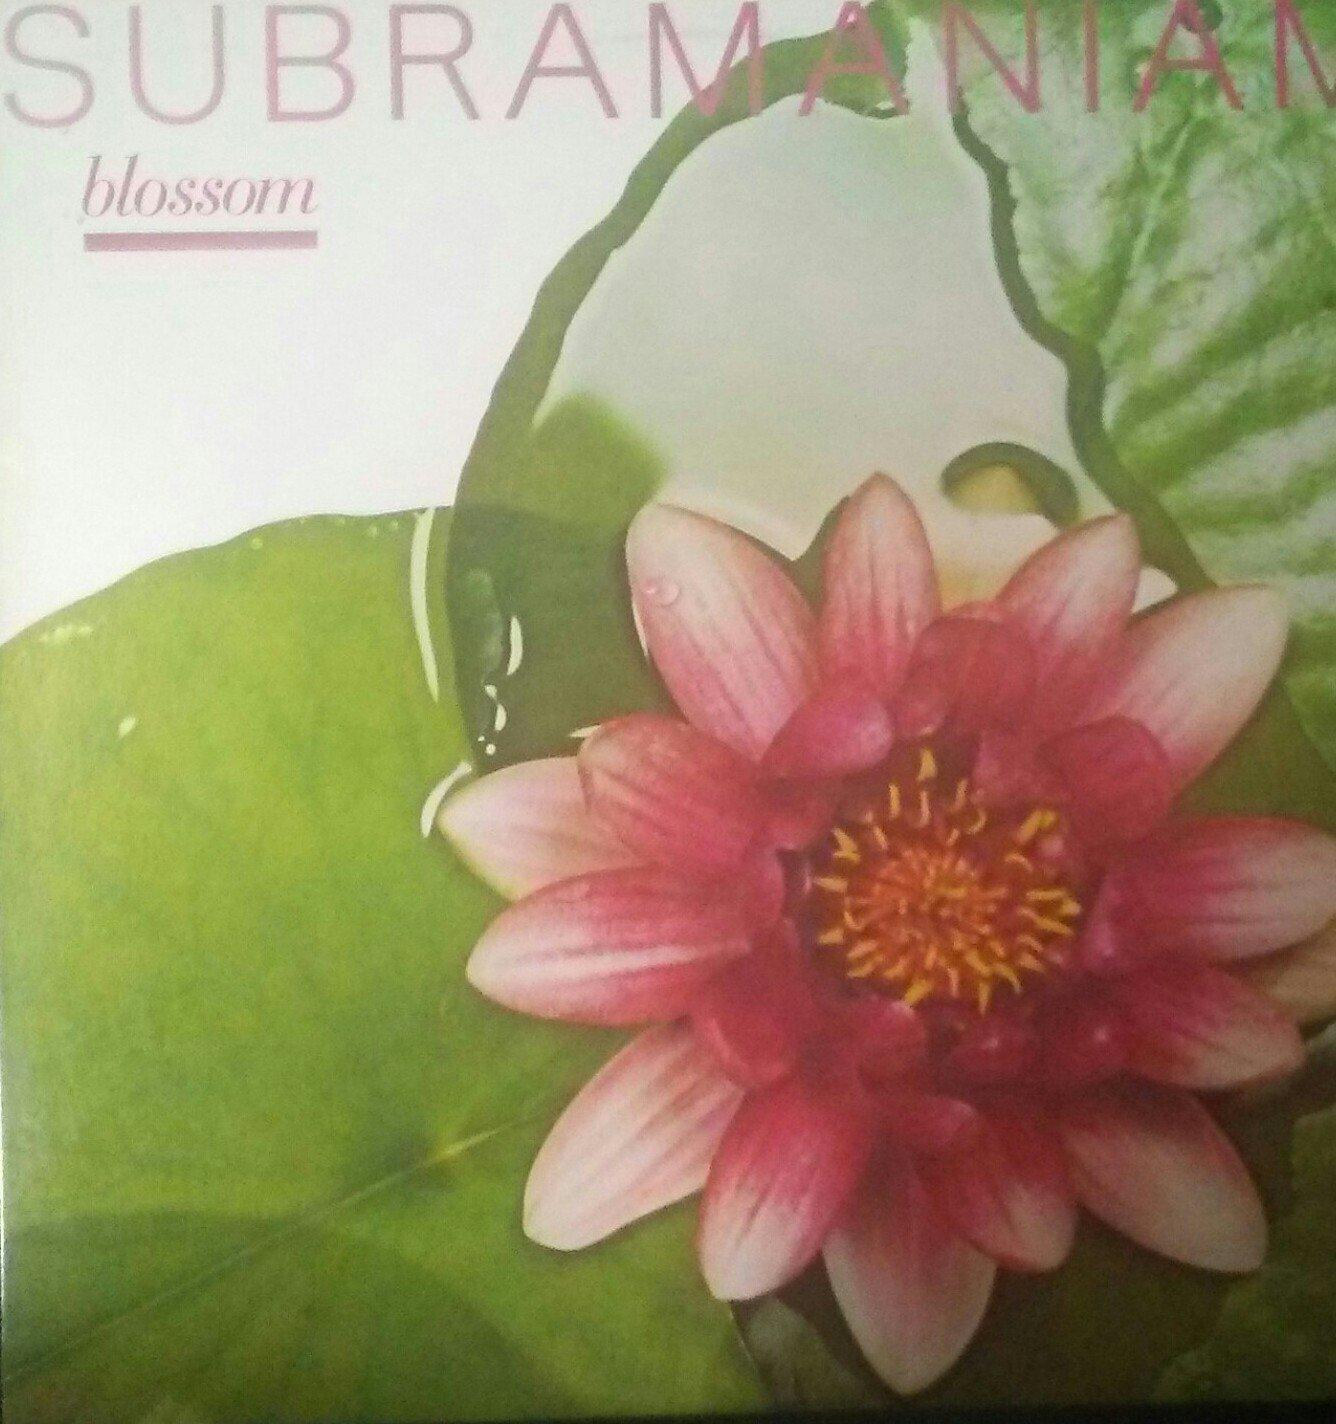 Subramaniam ~Blossom~ Promo LP